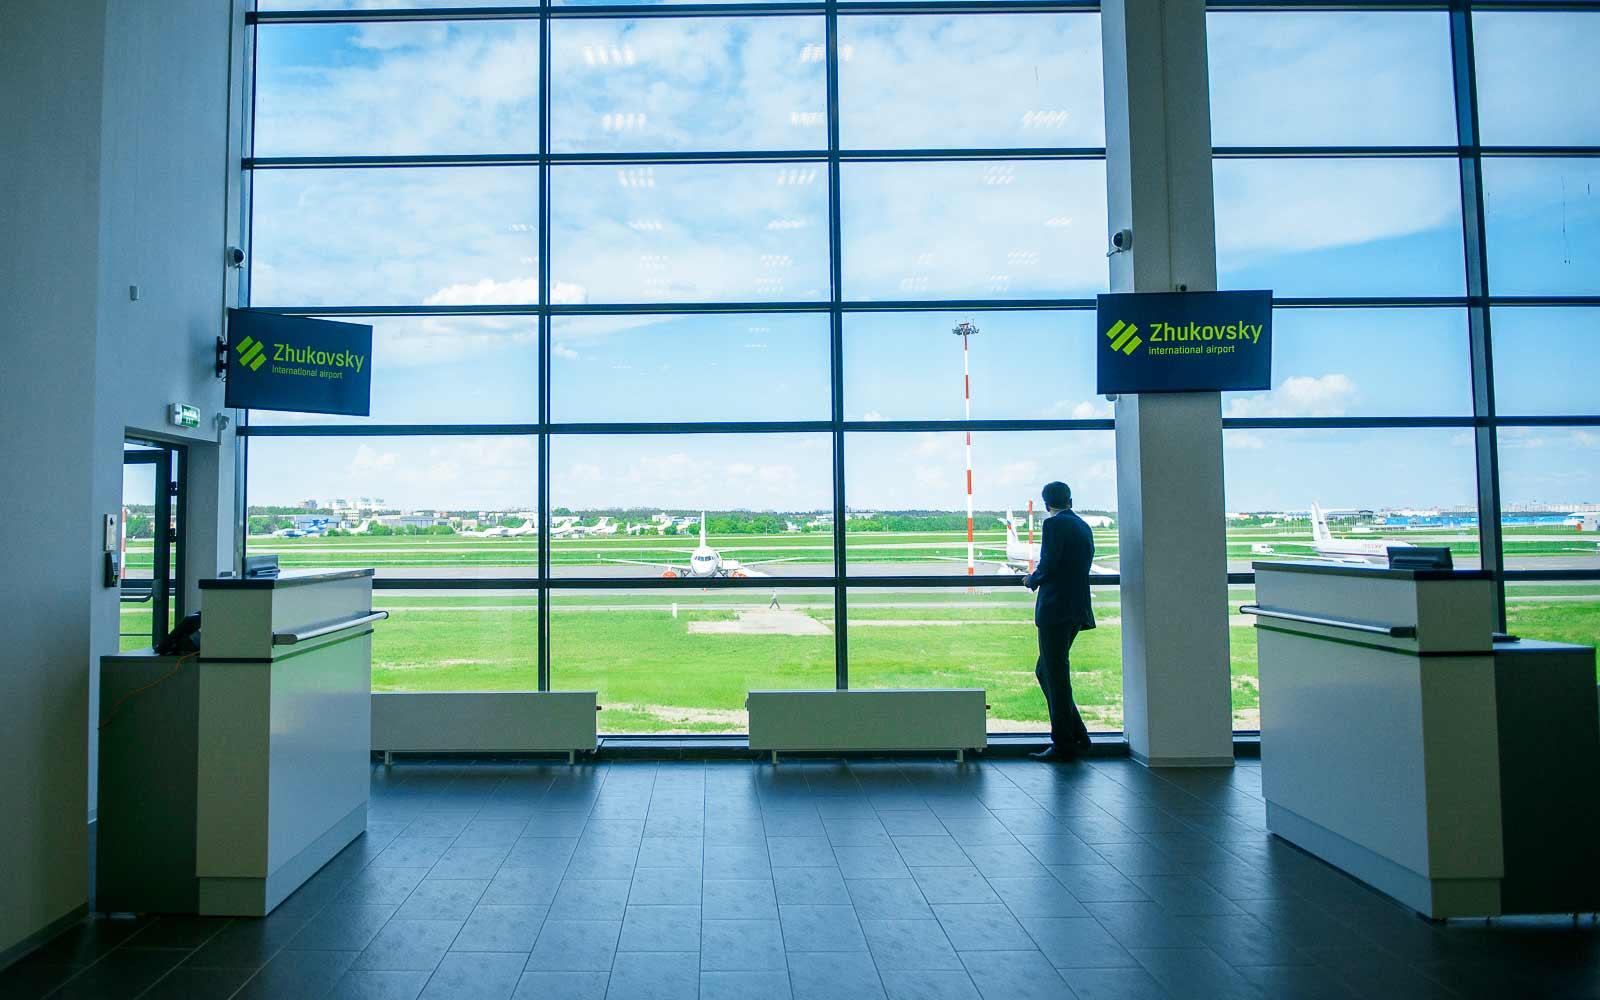 аэропорт-жуковский-фото5